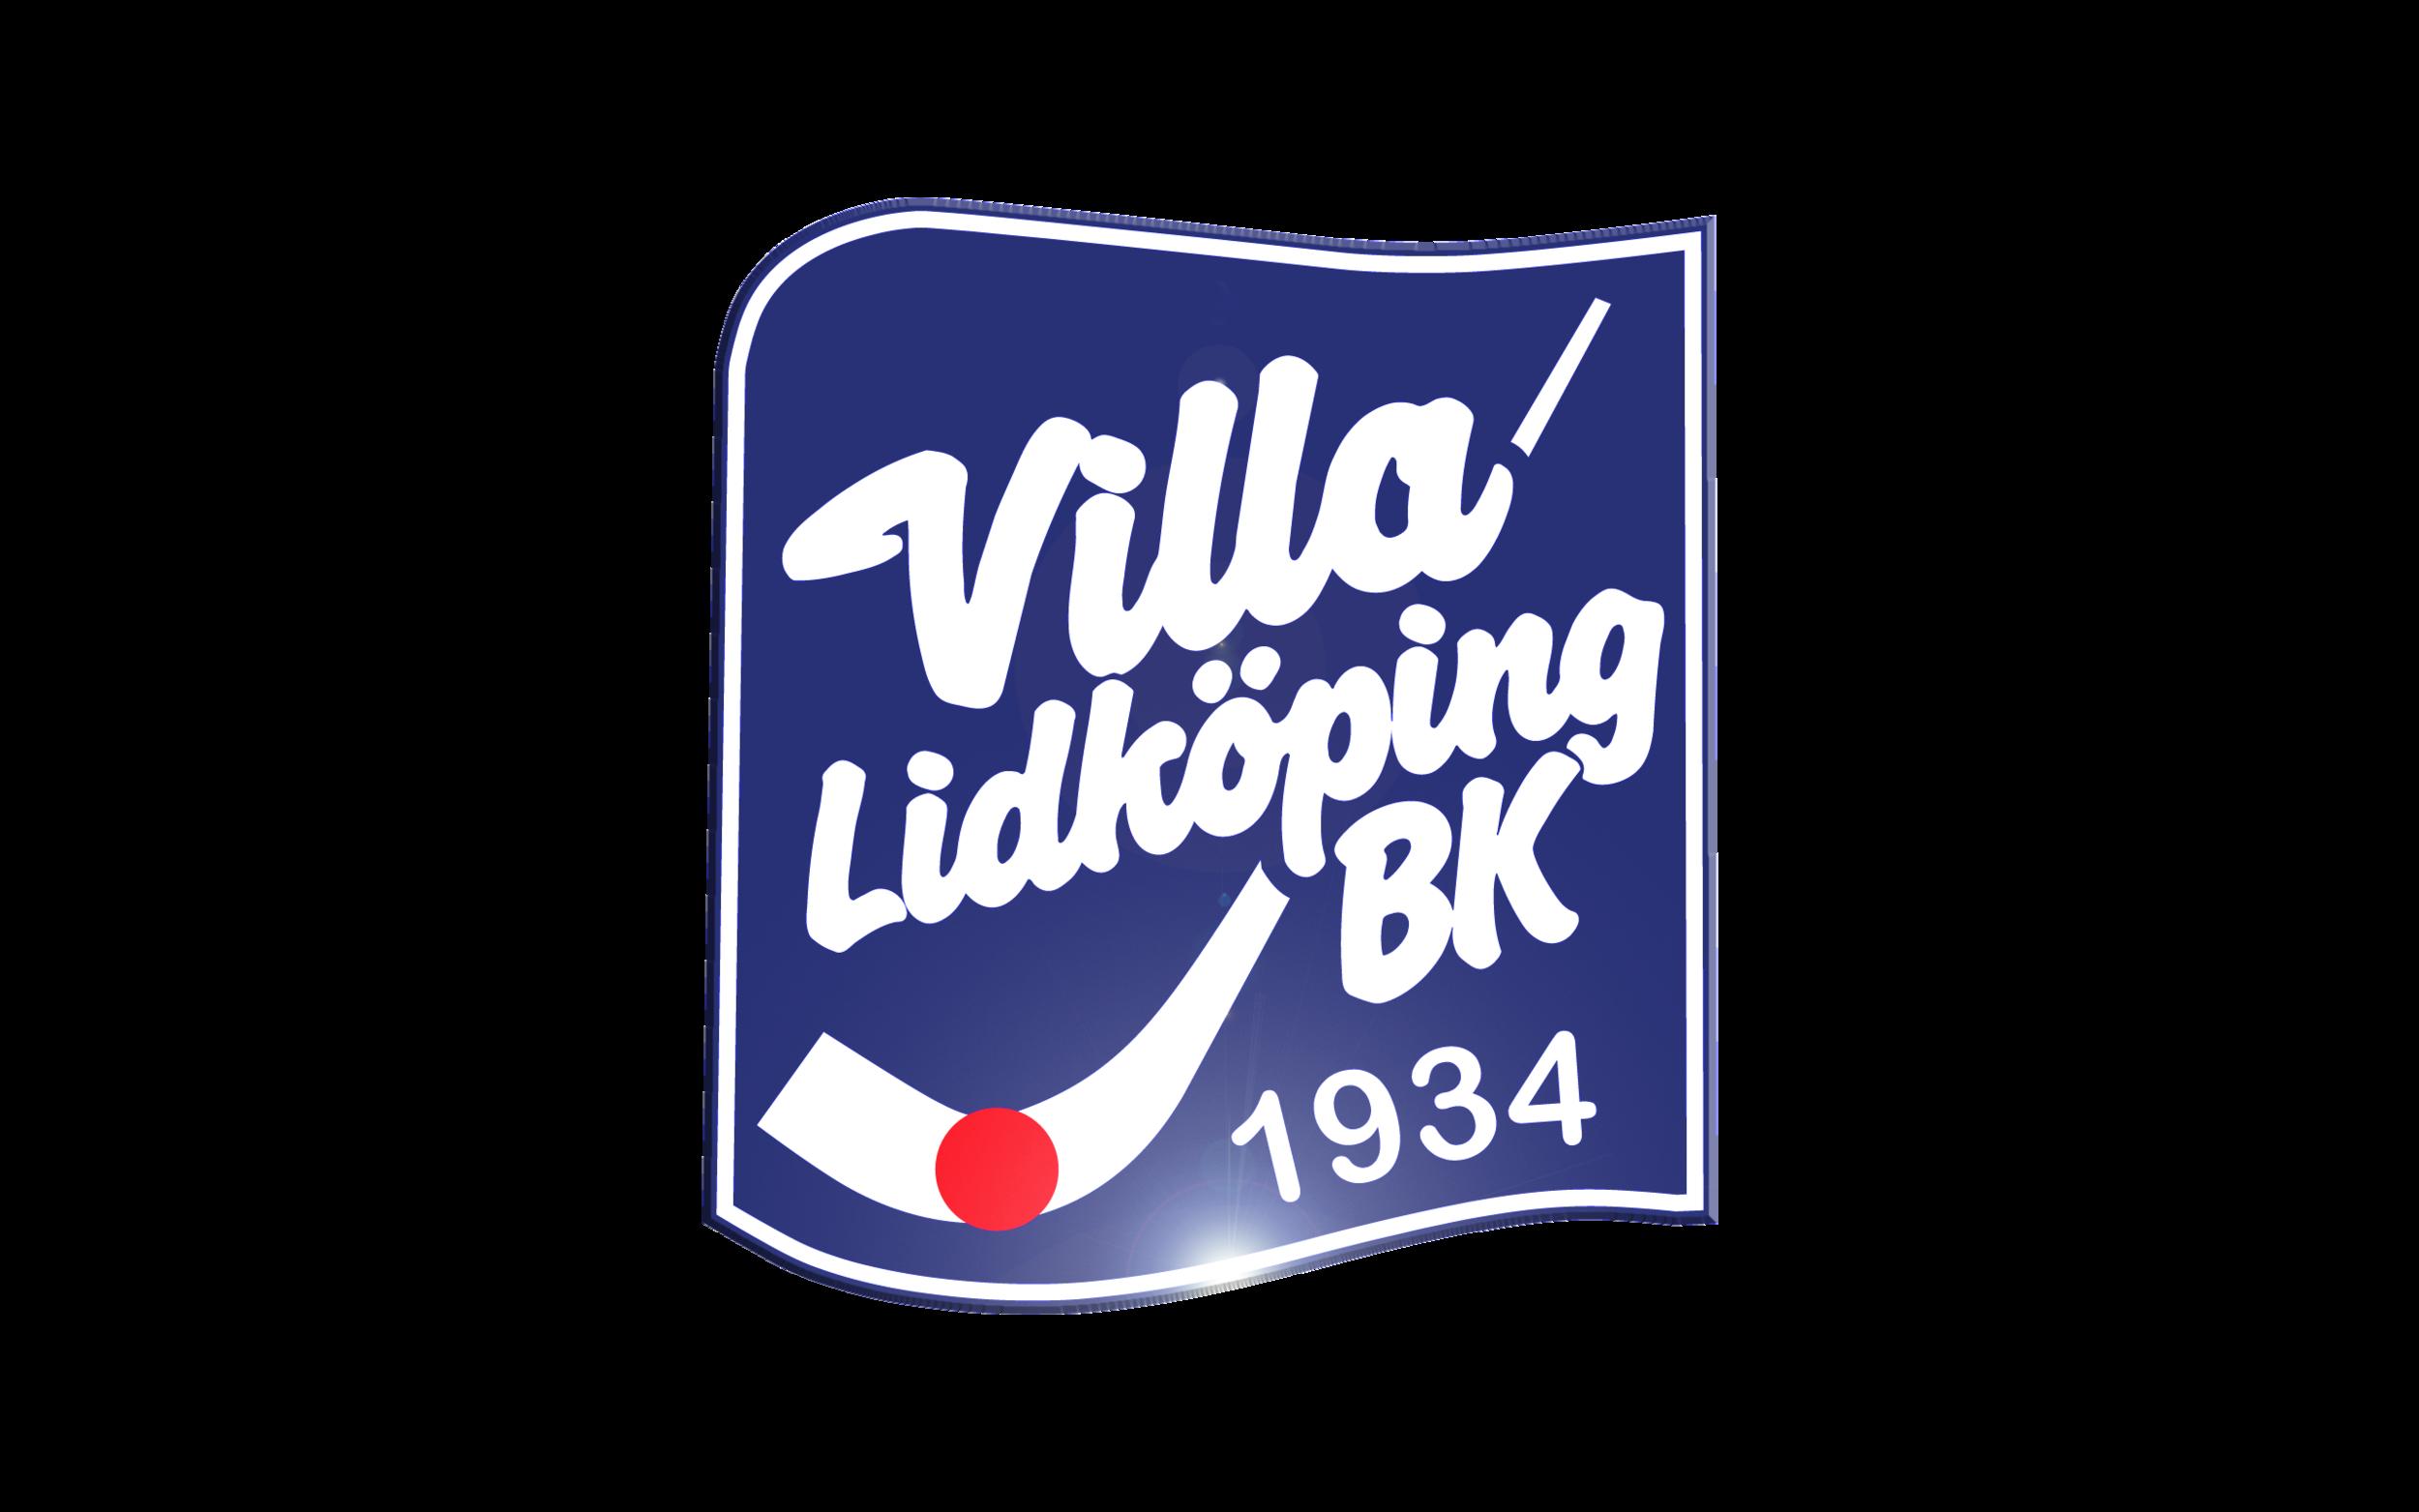 Villa Lidköping